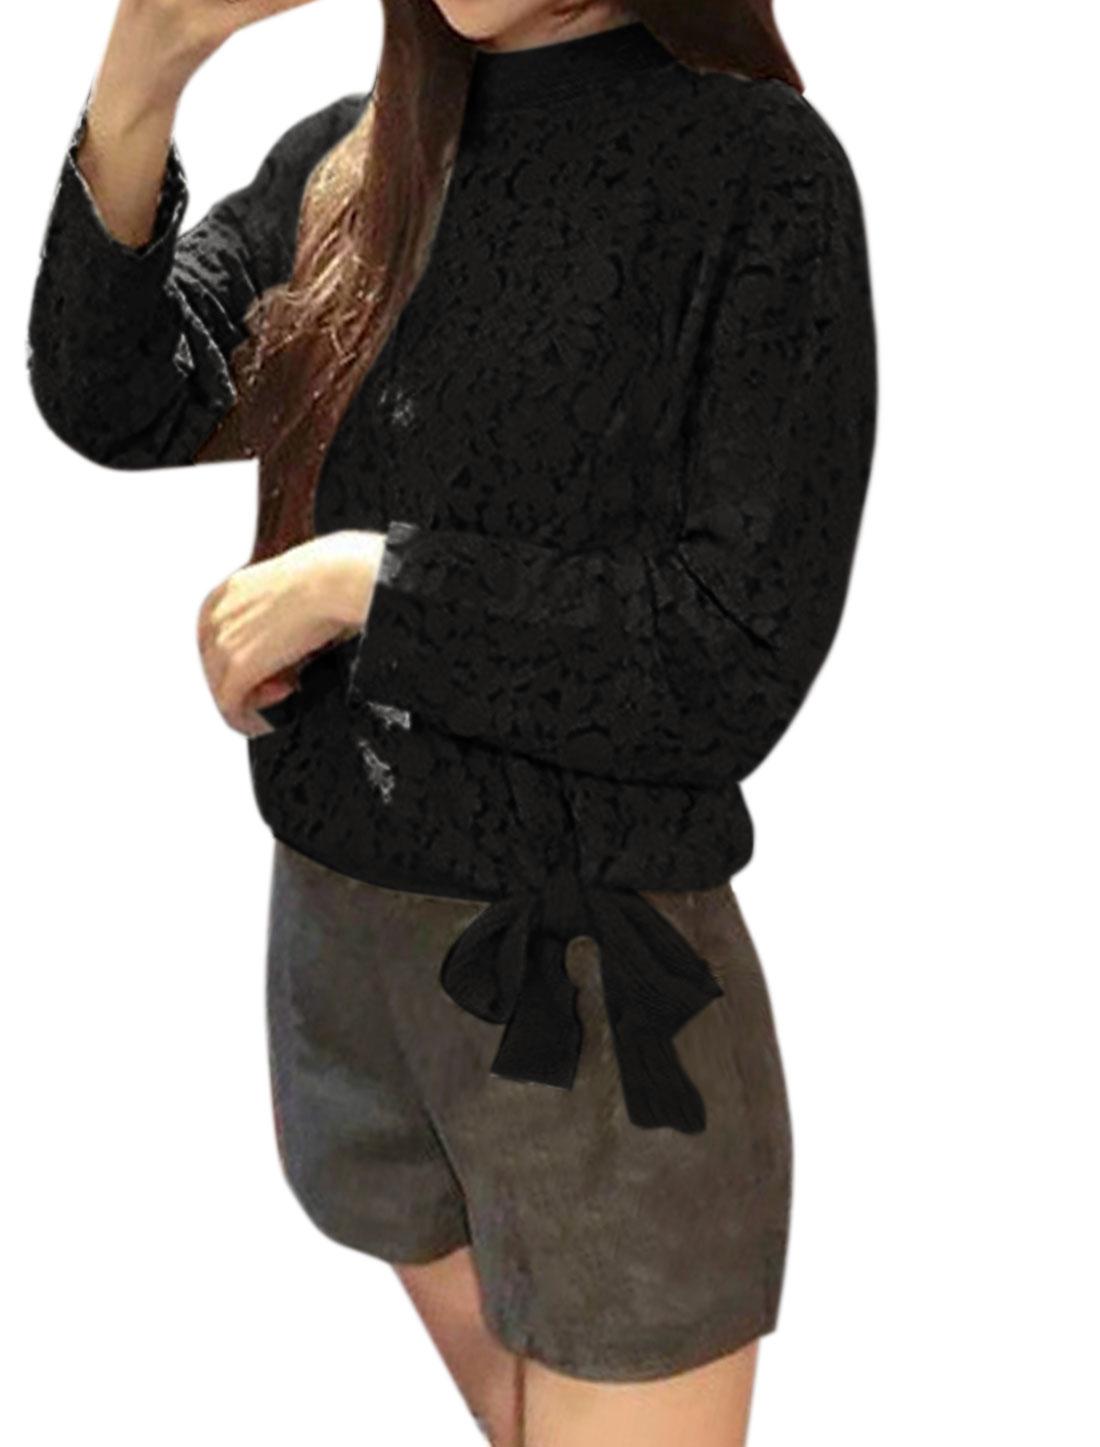 Ladies Mock Neck Floral Lace Self Tie Hem Blouse Black XS